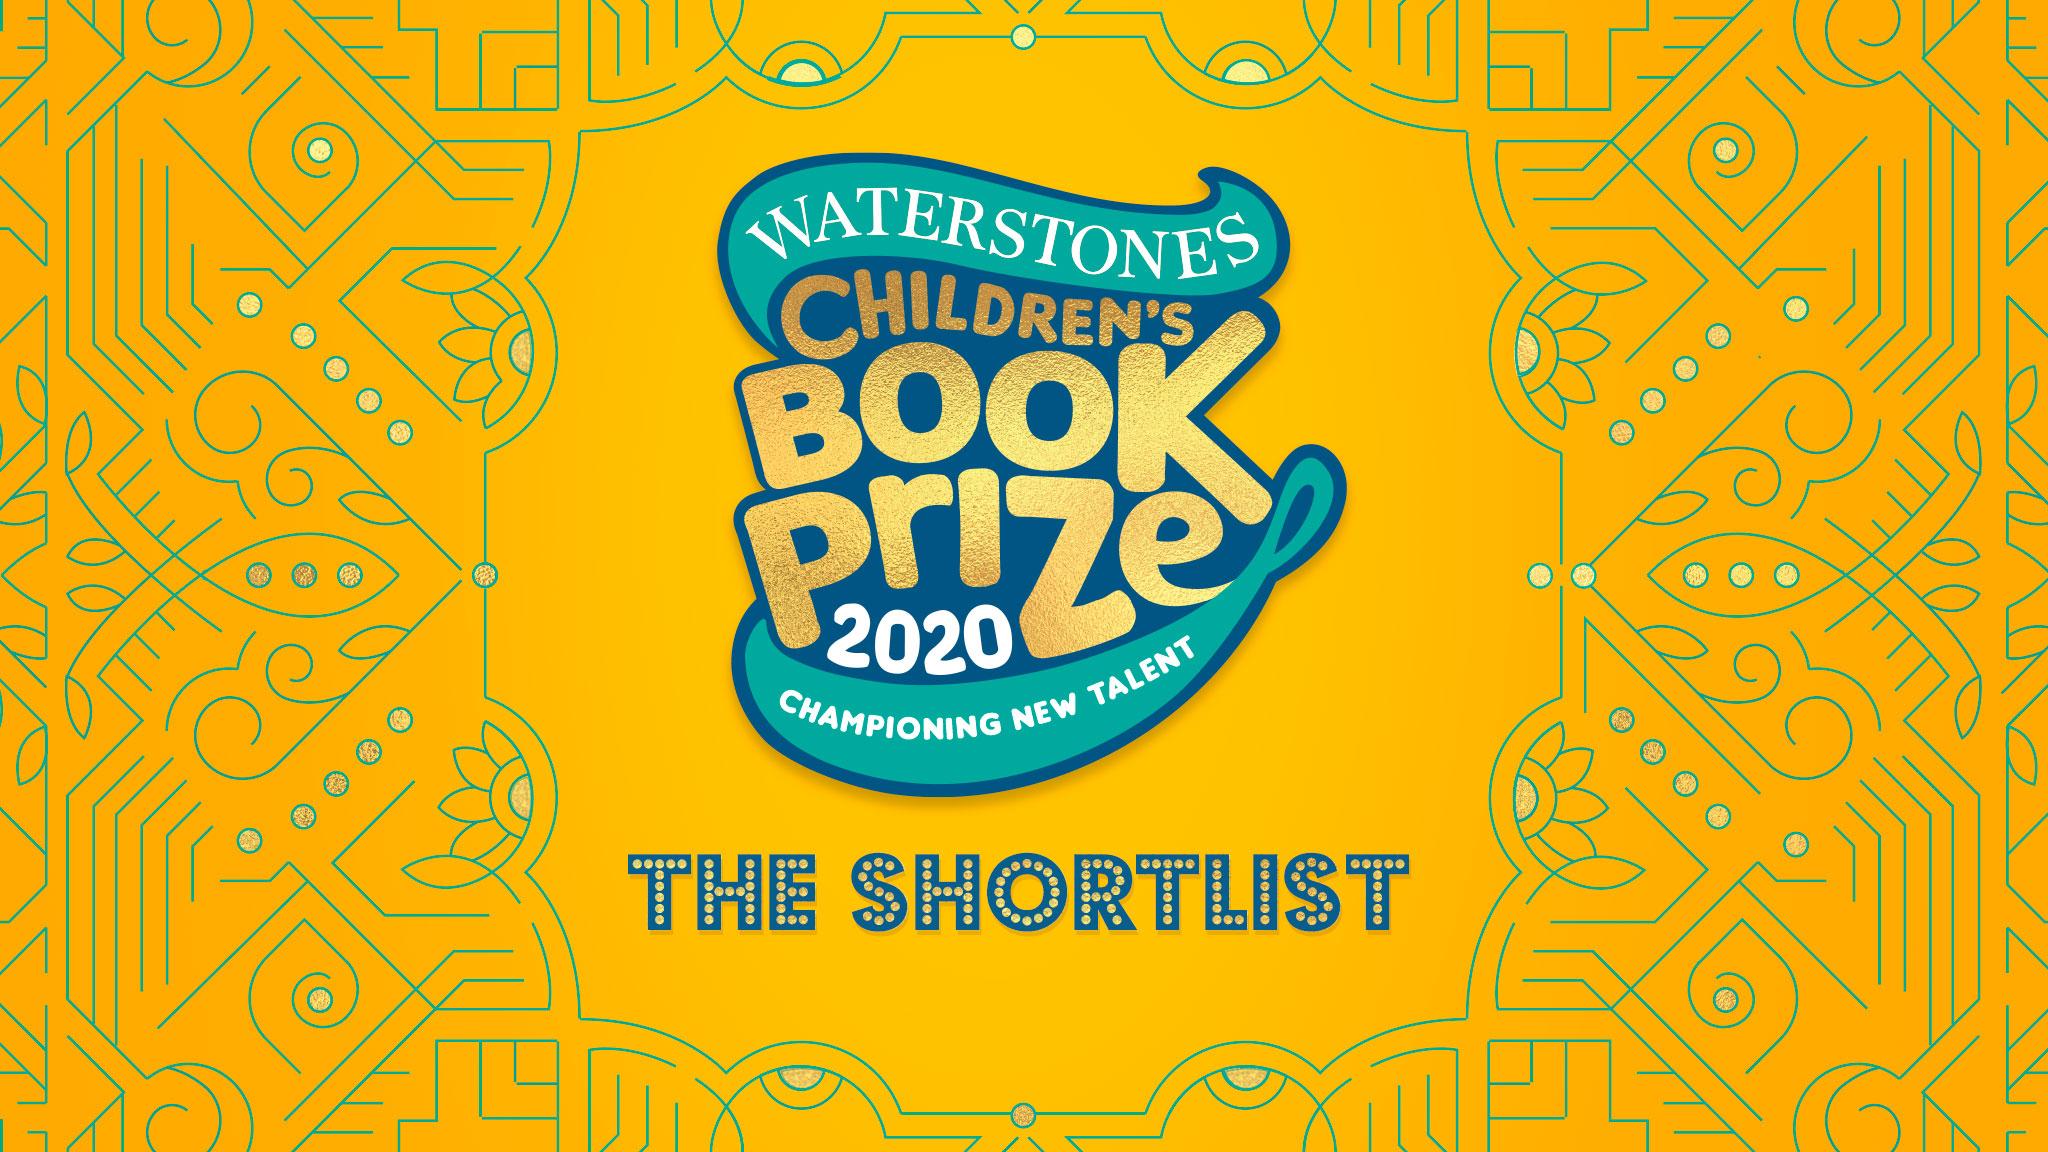 2020 Waterstones Children's Book Prize Shortlists - Locus ...